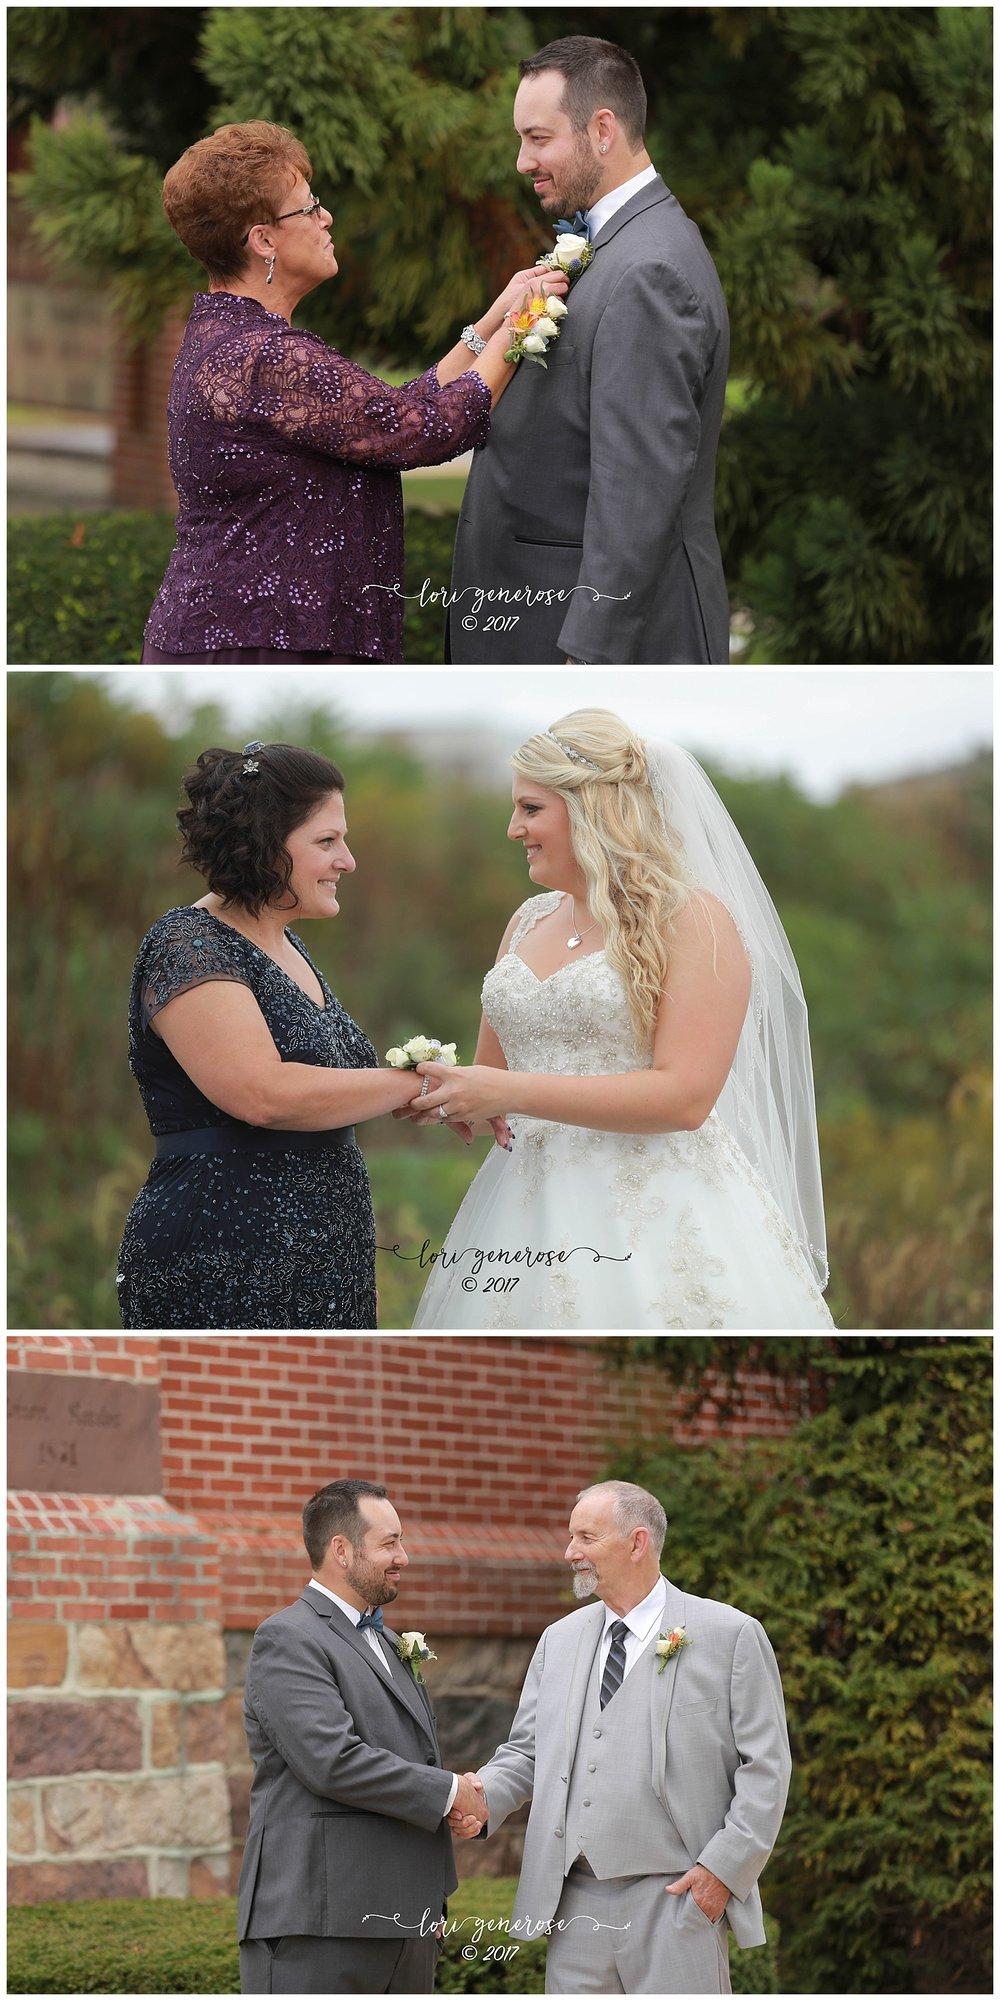 weddingmothergroomfatherbridehandshakes.jpg